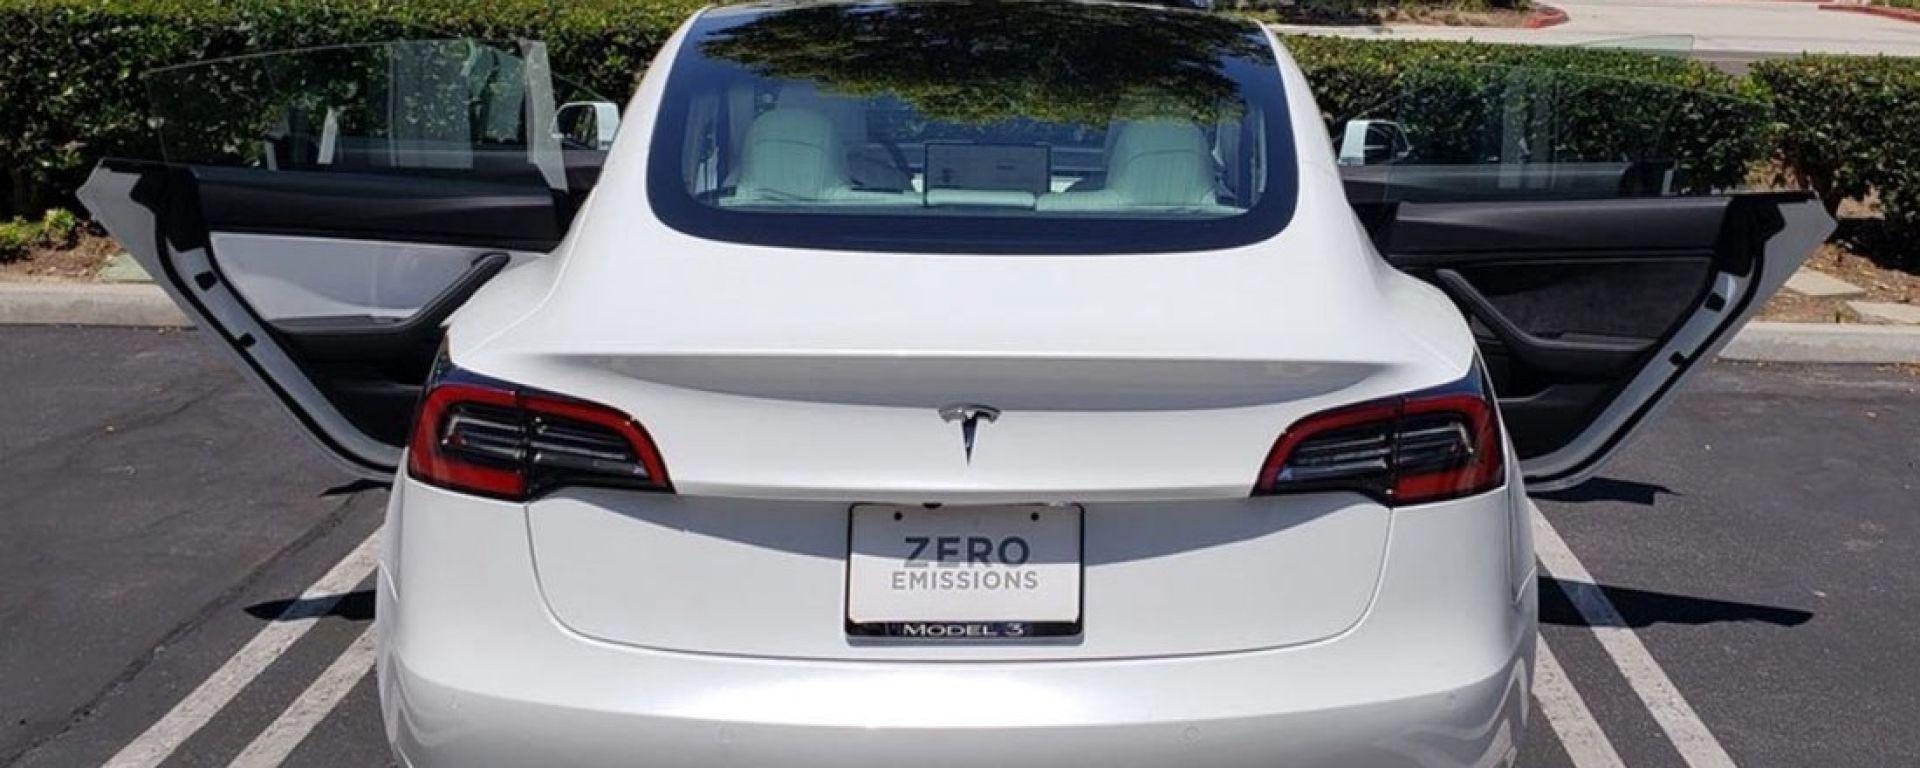 Elon prende sonniferi, Model 3 venduta con portiere spaiate